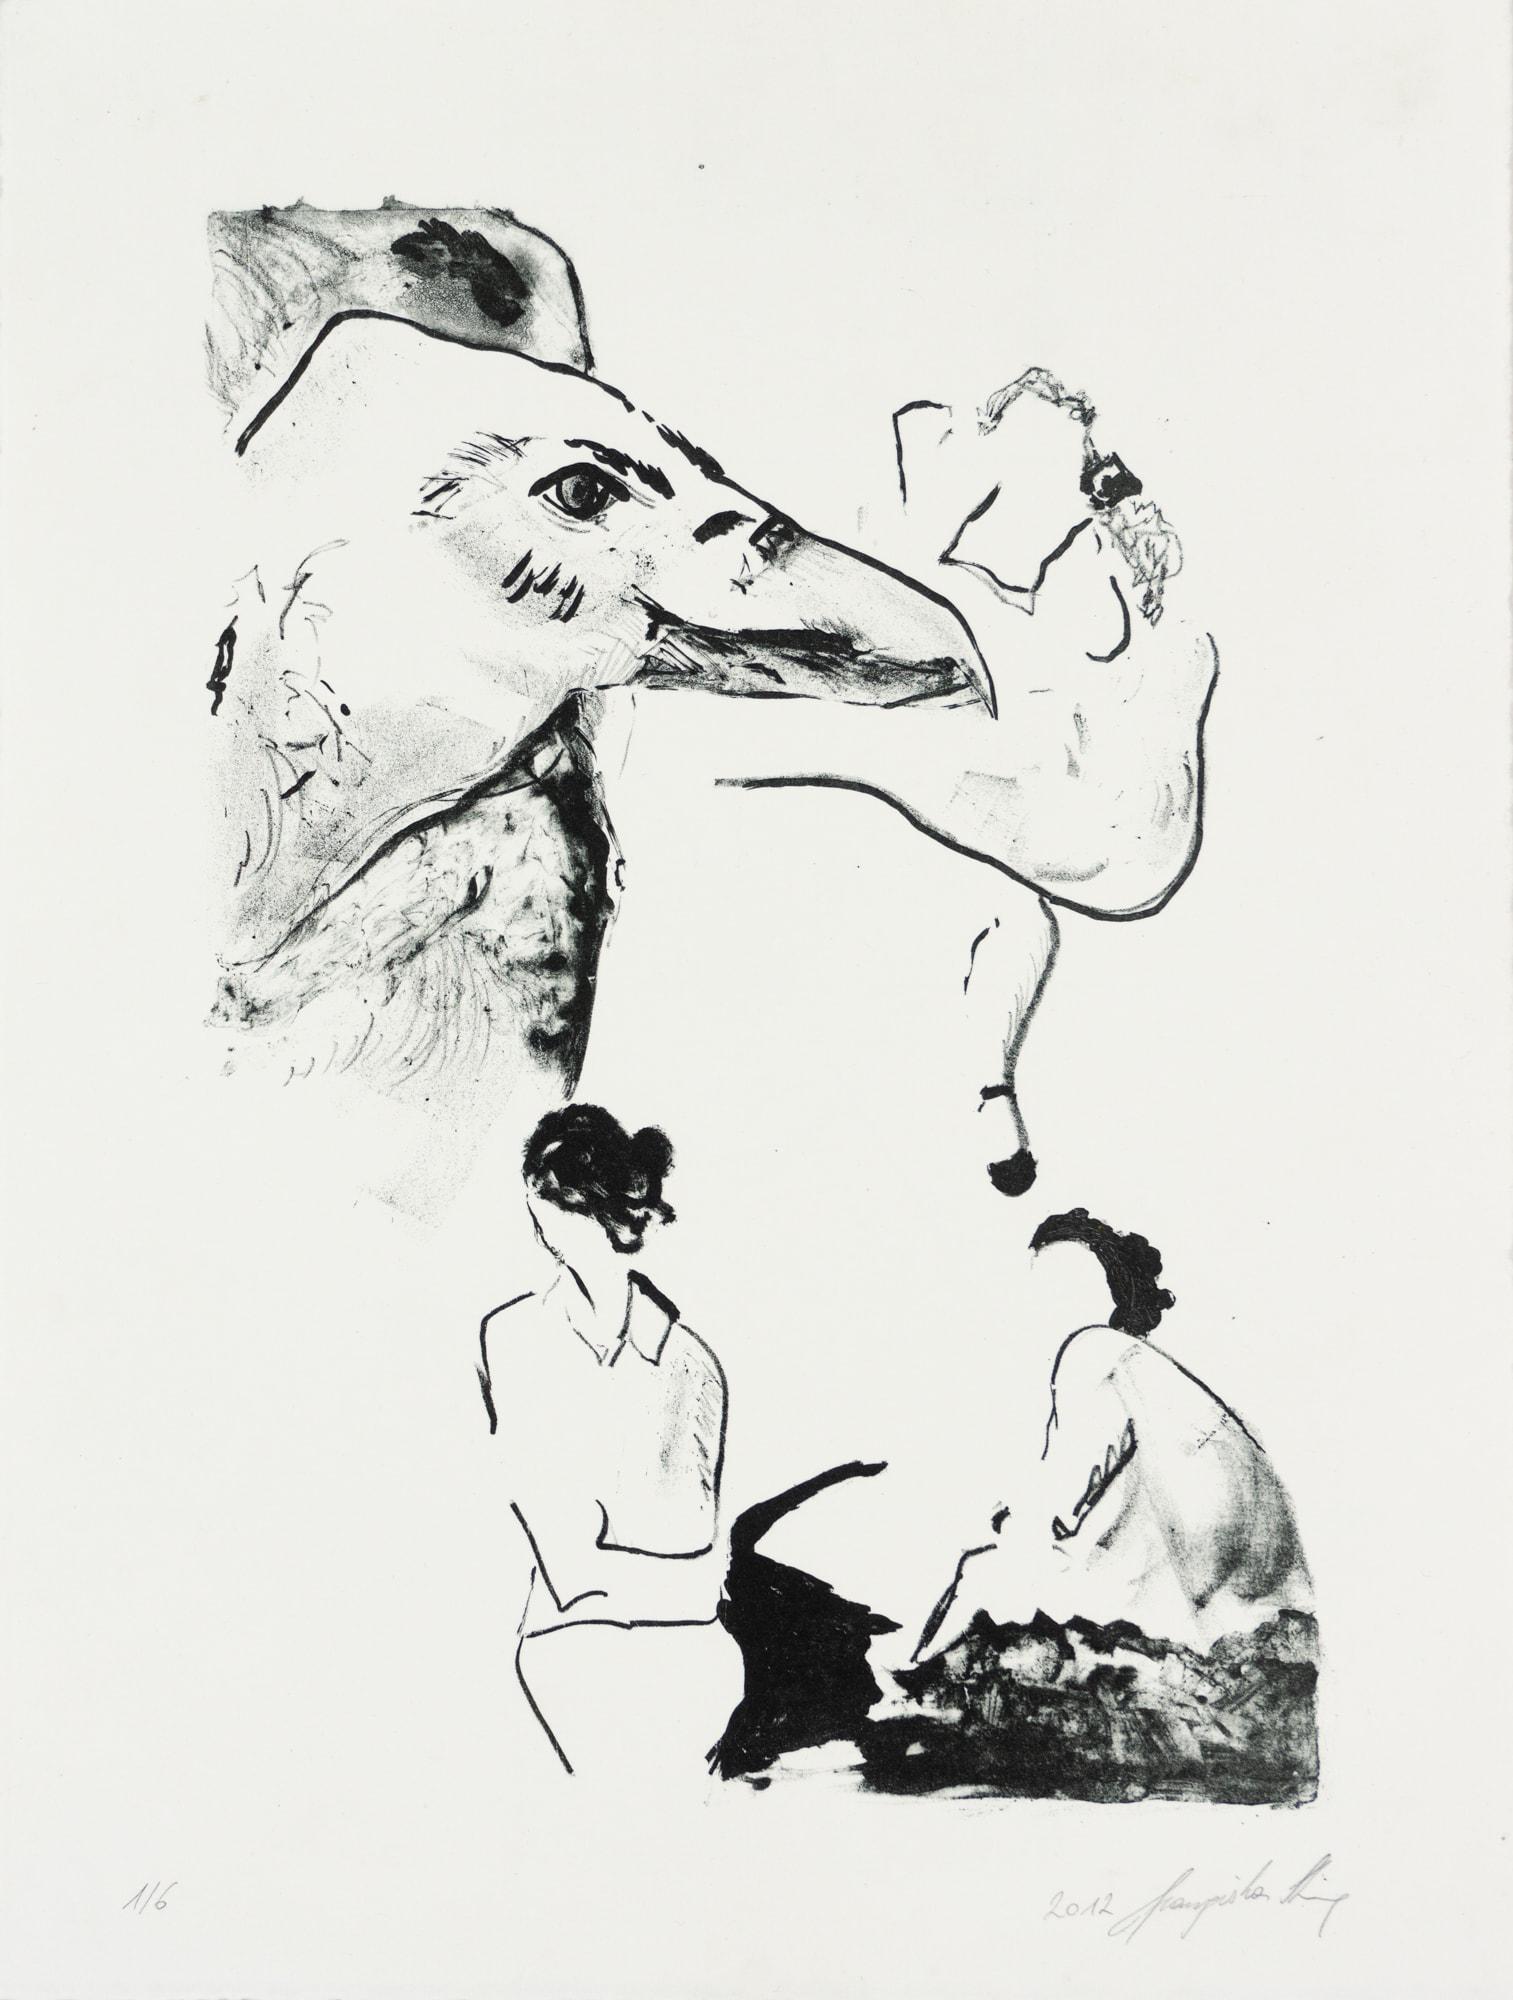 Lithographie, 29cm x 38cm, Rabe mit Frauen, artist: Franziska King